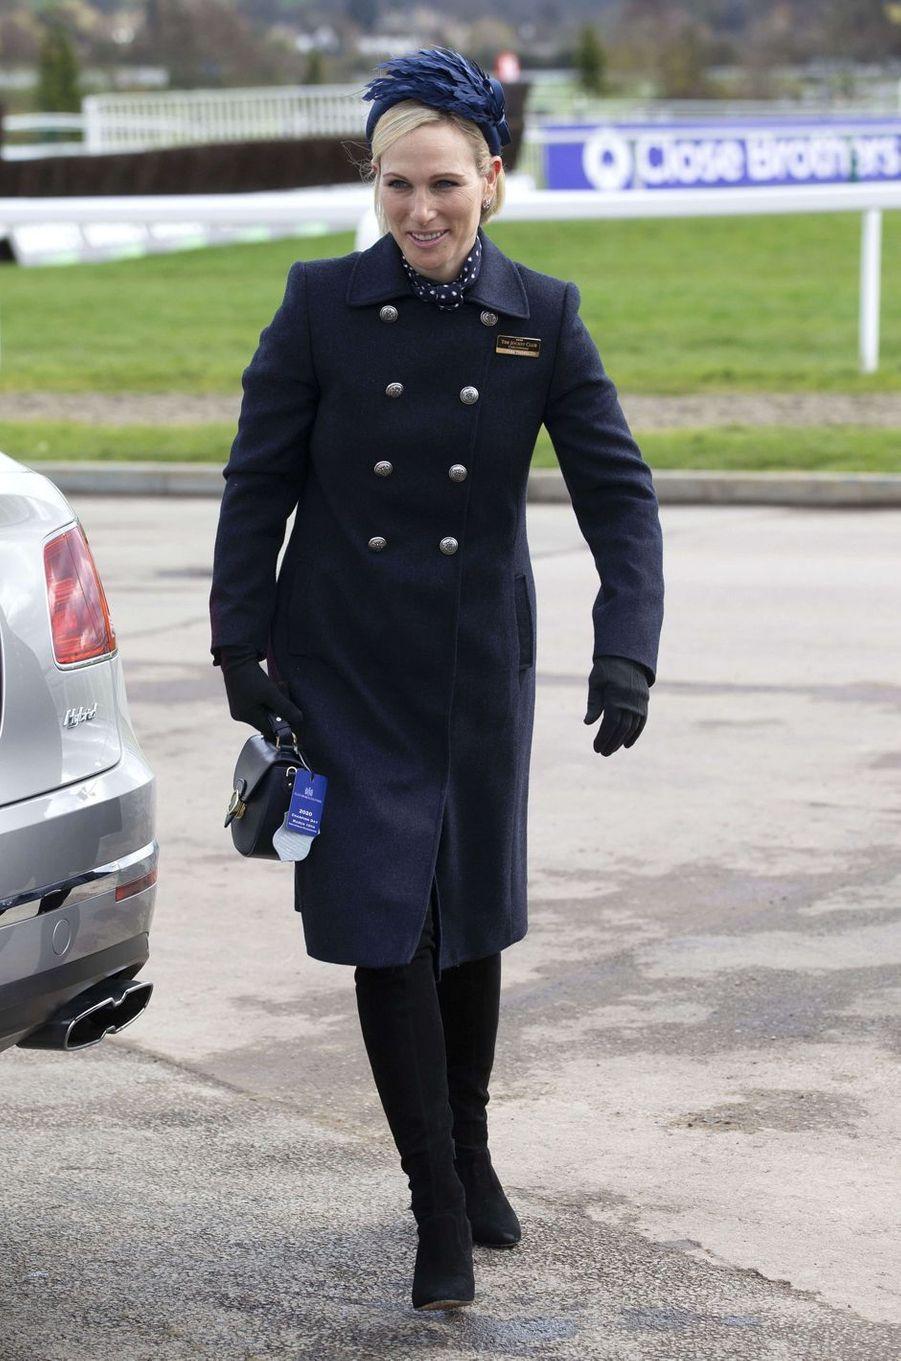 Zara Phillips, fille de la princesse Anne, au Cheltenham Festival, le 10 mars 2020